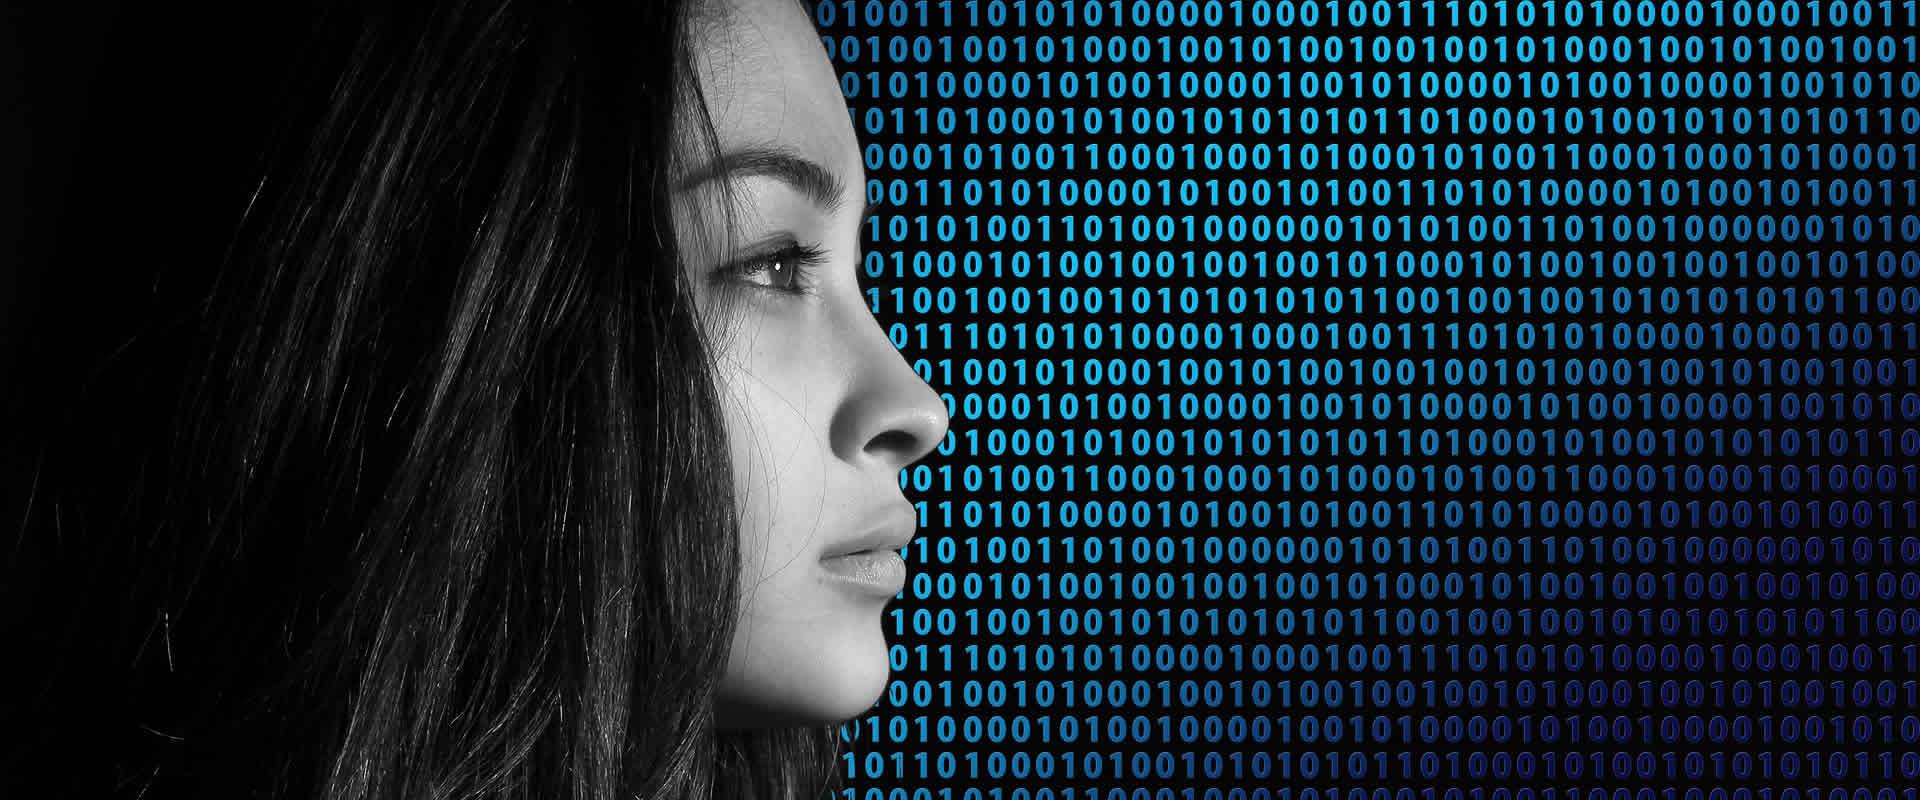 Modèle économique sur l'utilisation des données personnelles